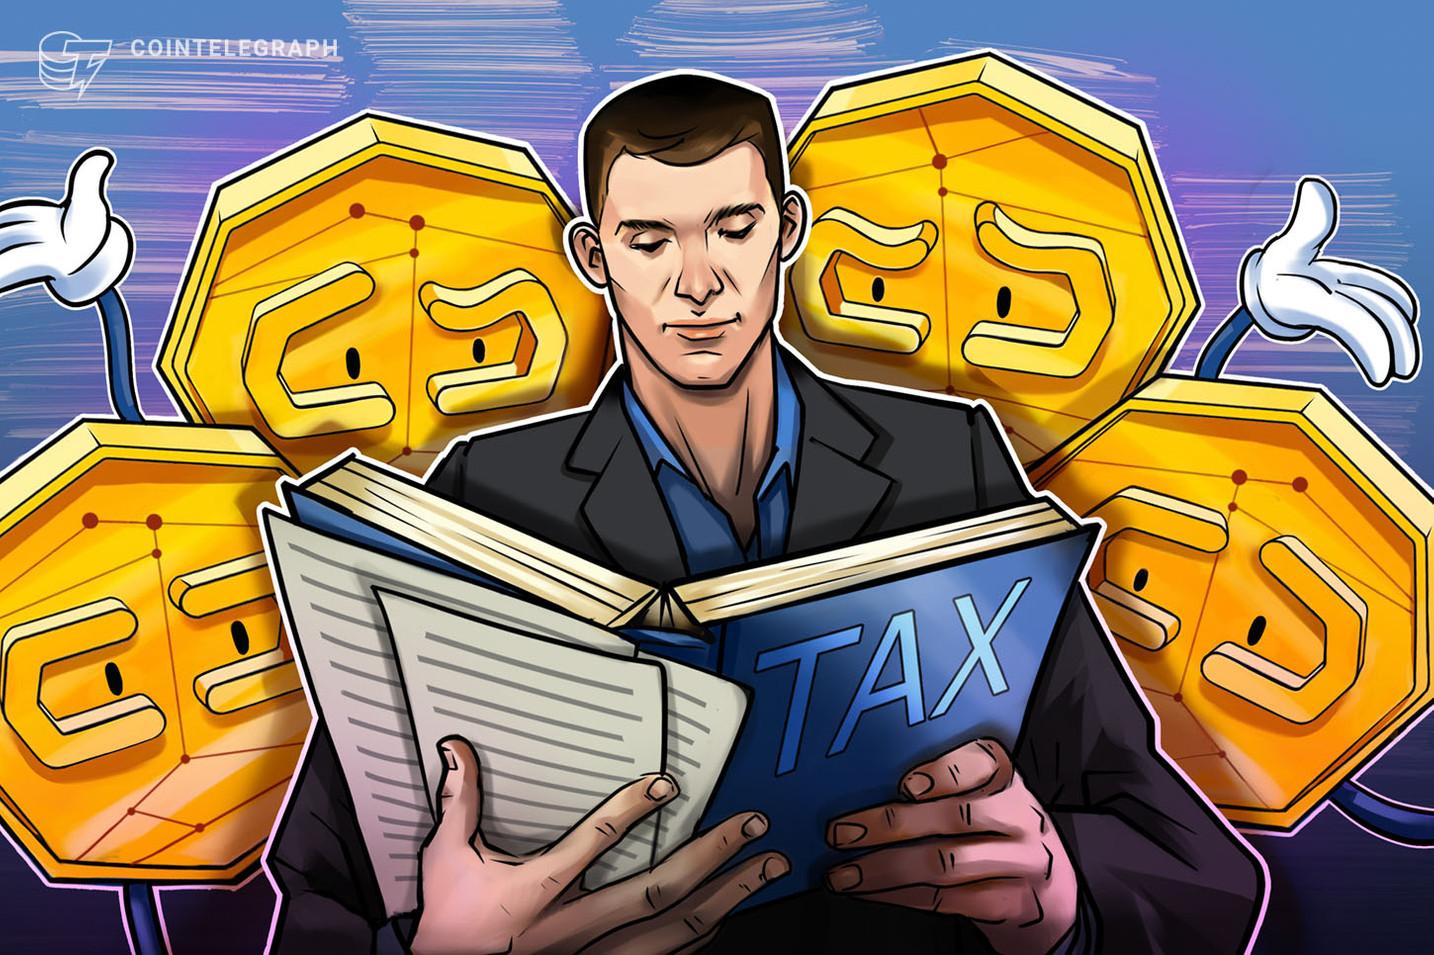 Trump: Proposta de corte de impostos sobre ganhos de capital pode impulsionar lucros com criptomoedas